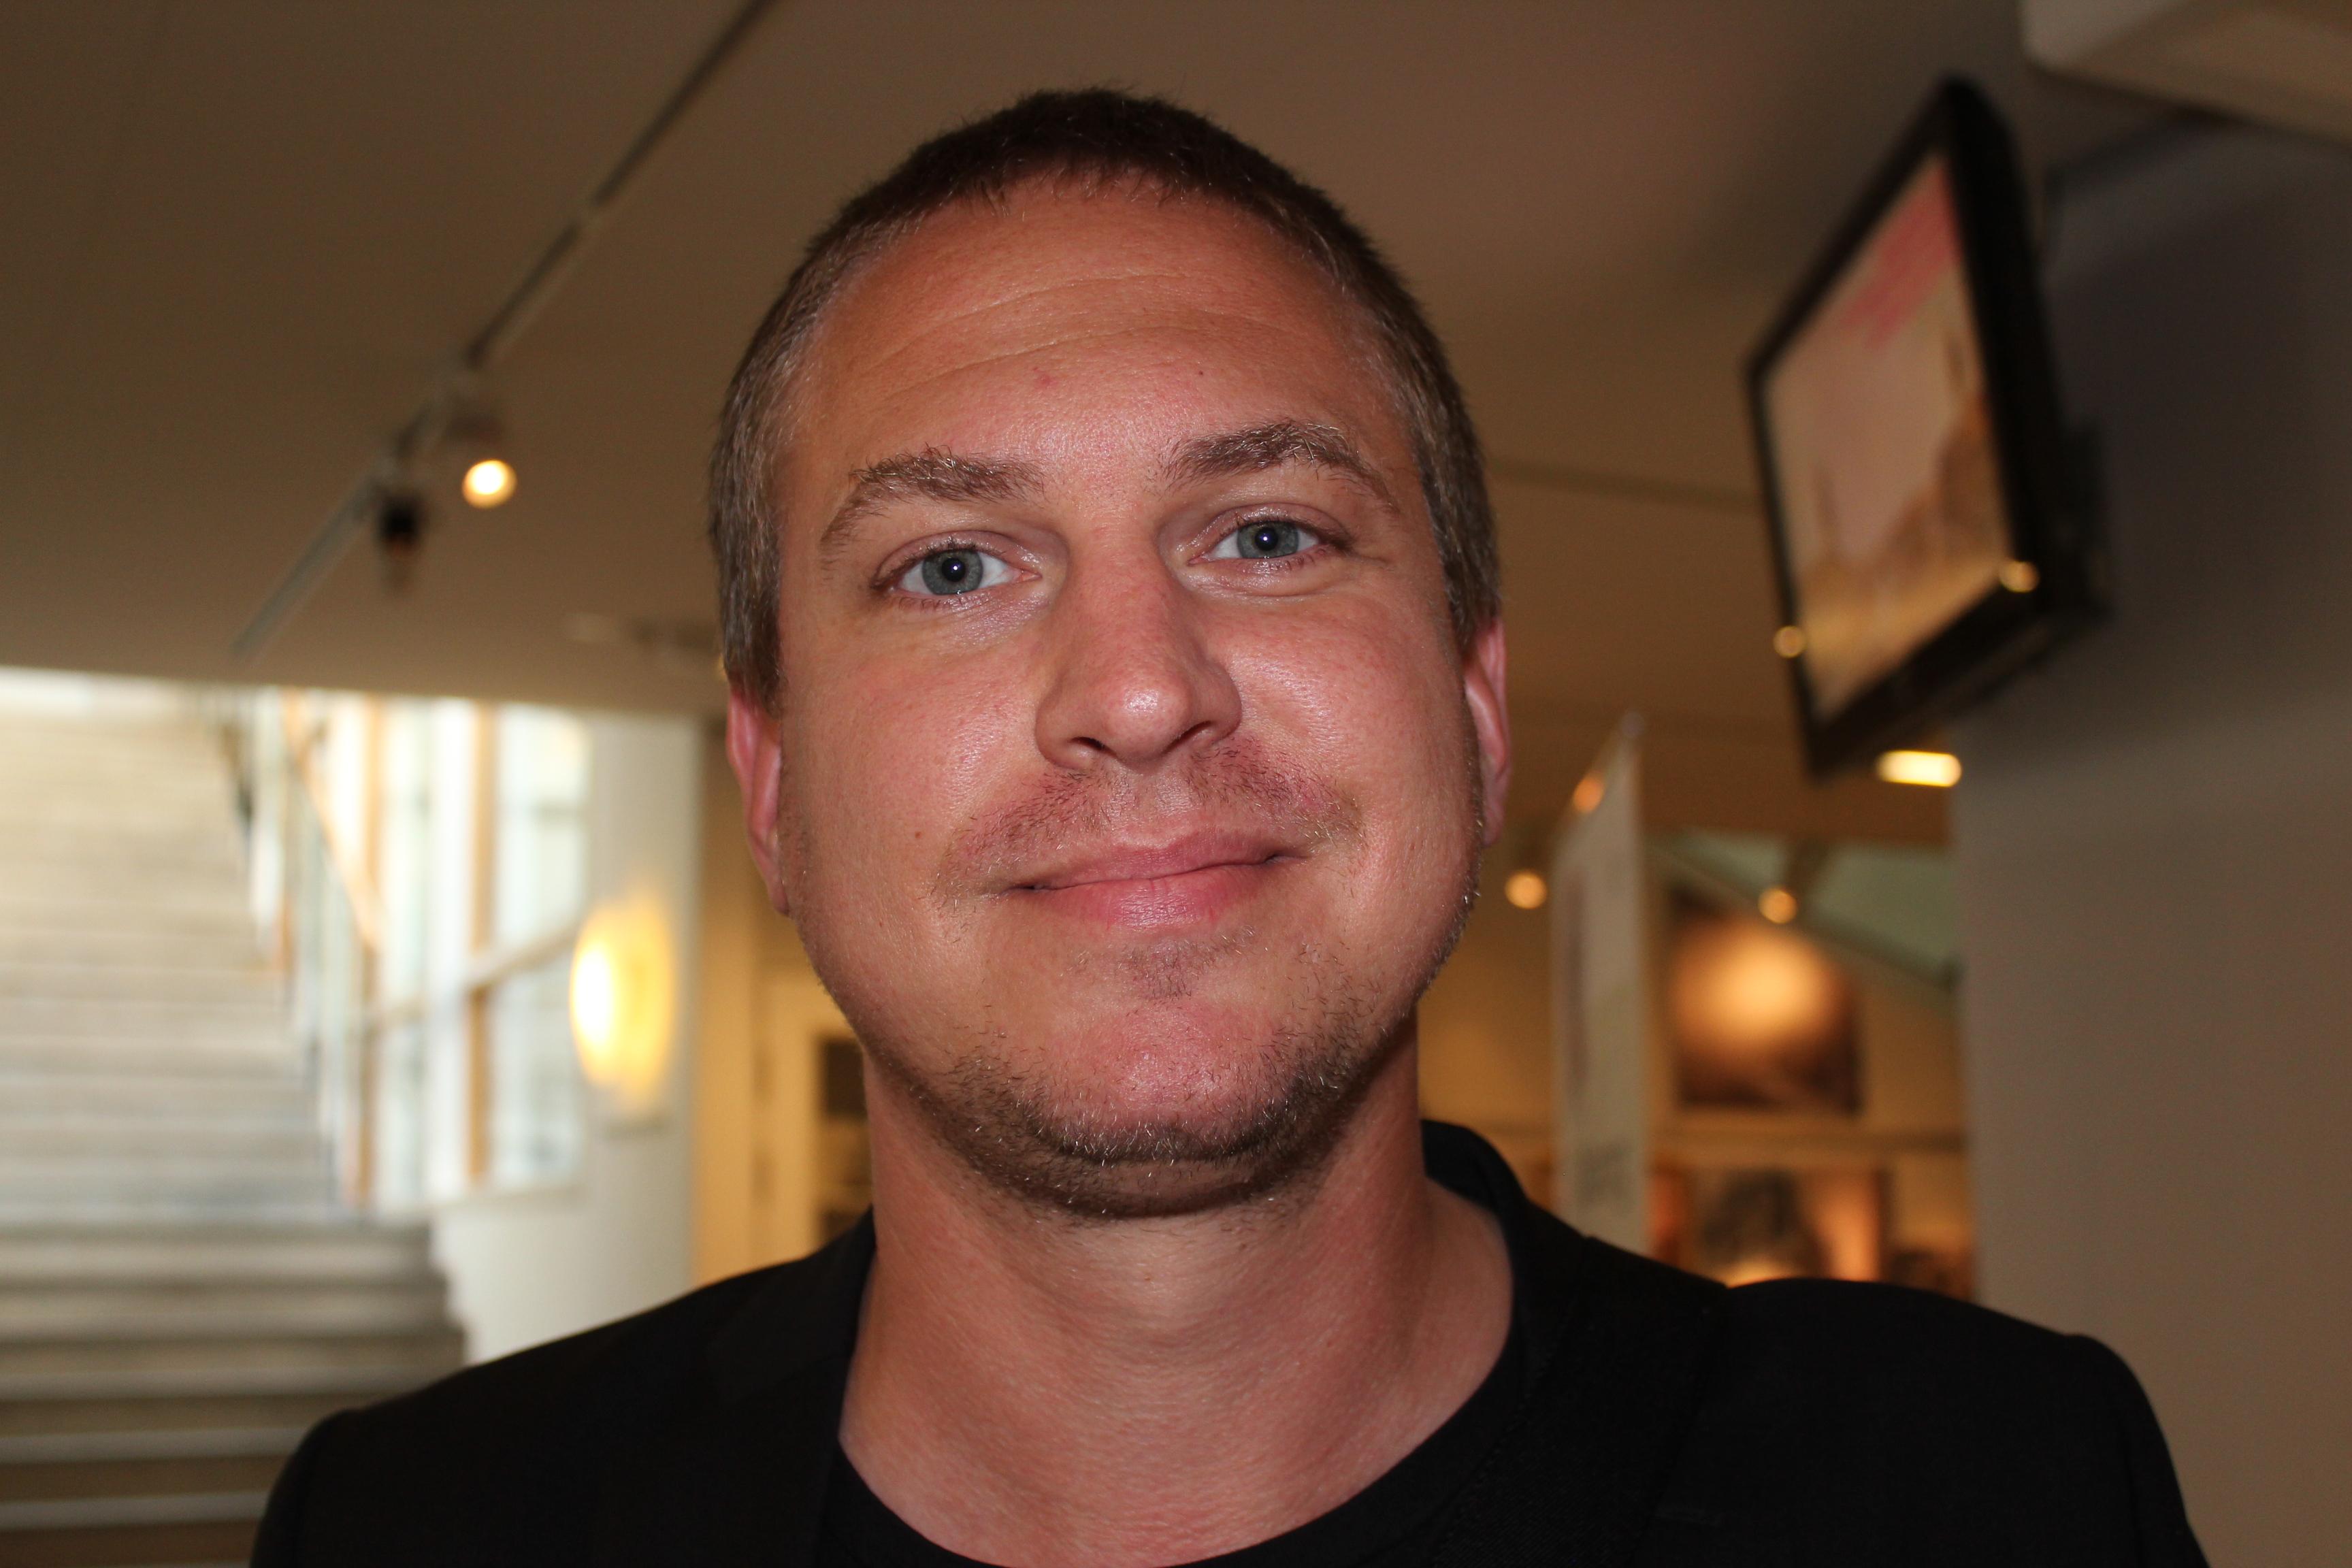 7. Martin Lindstaf Cedervall